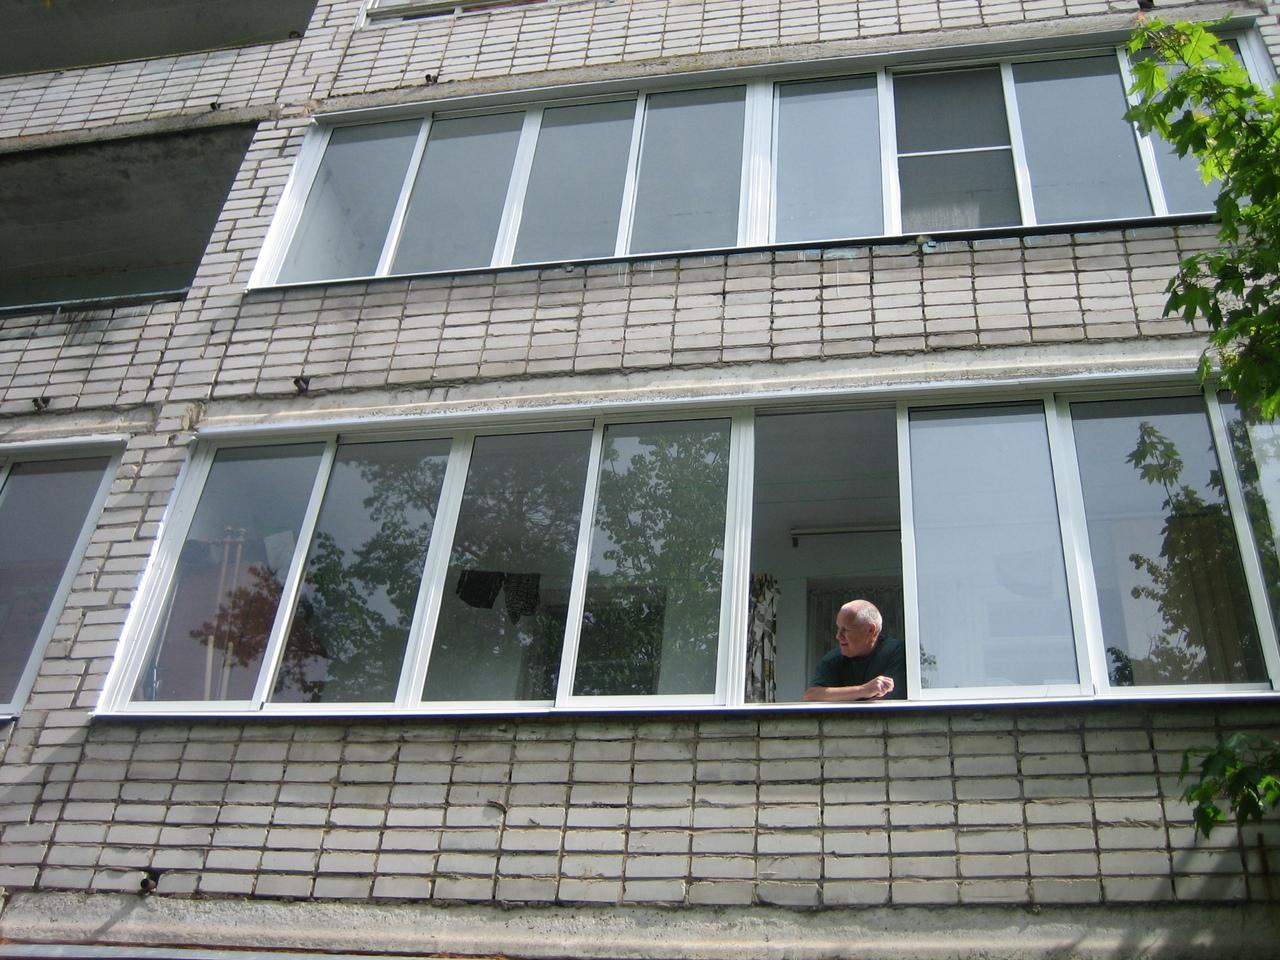 Лоджия раздвижная фото остекление балконов, остекление лоджи.